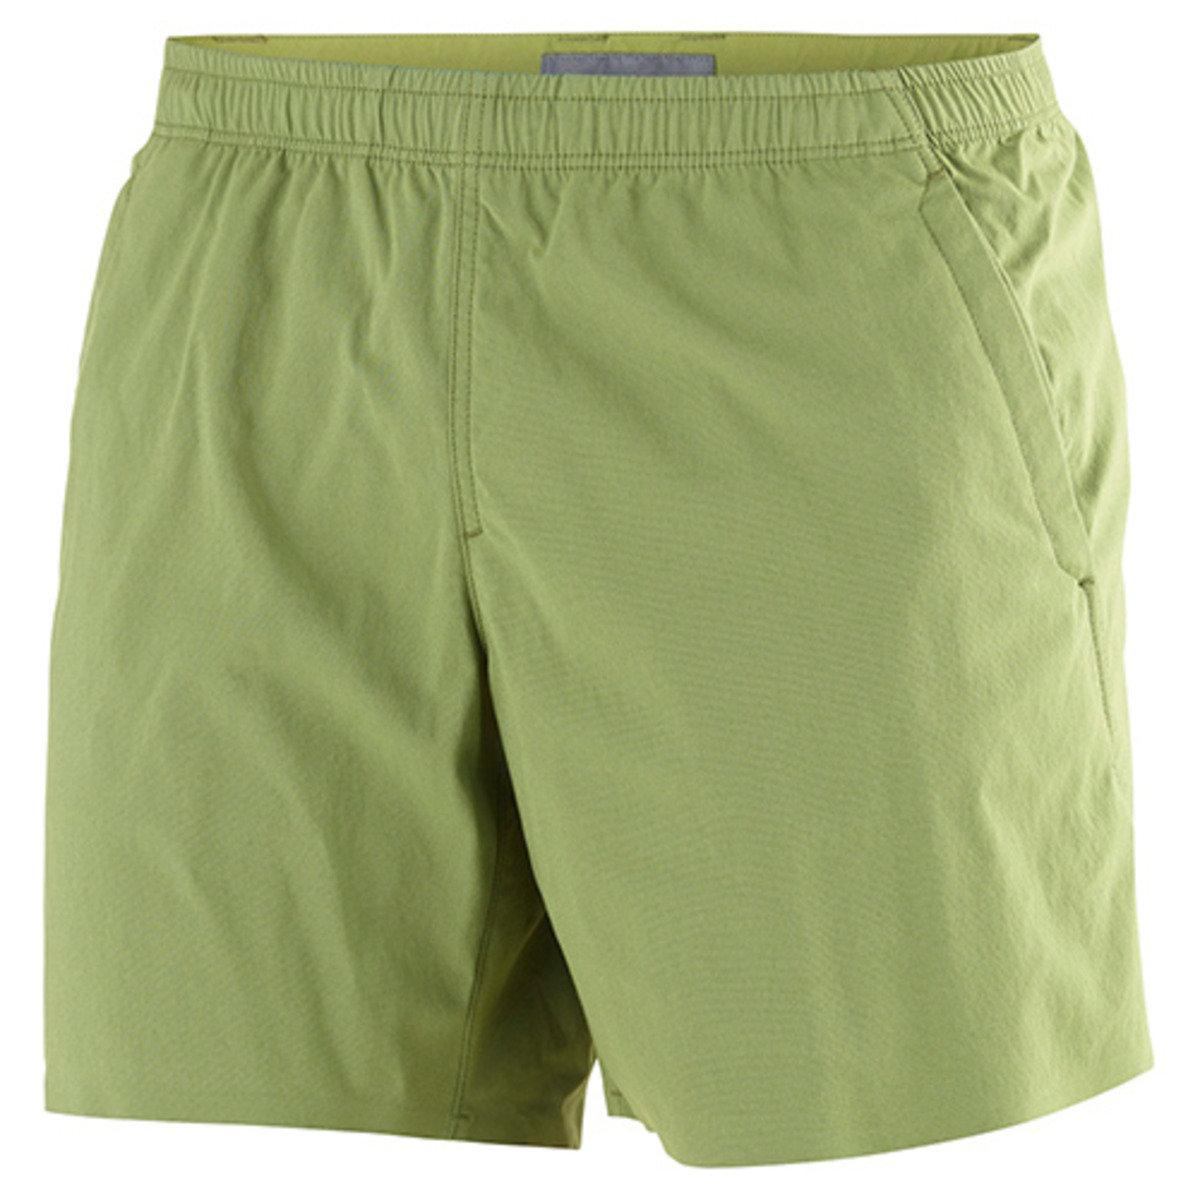 M's Ken Shorts